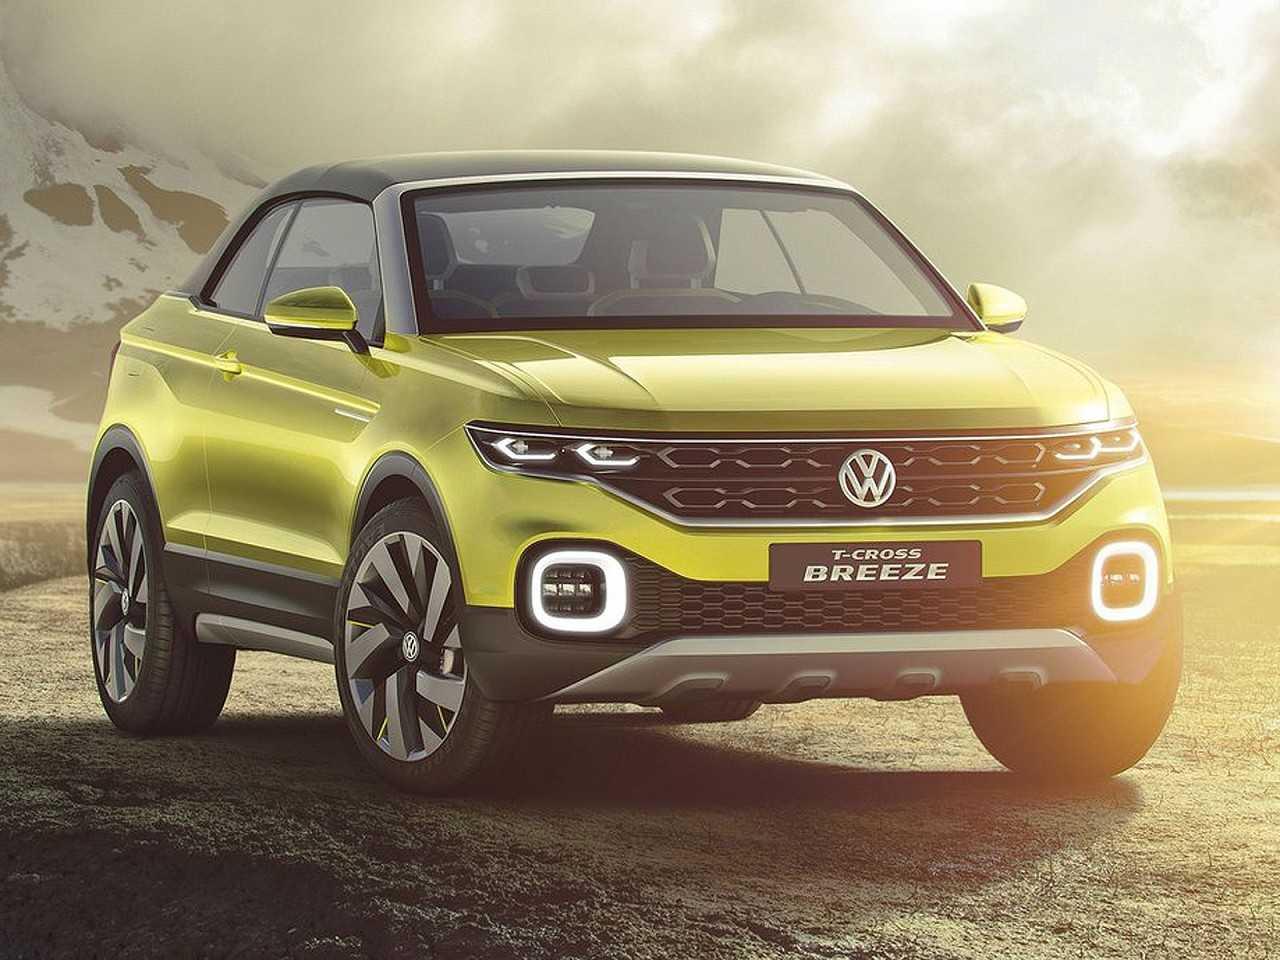 Volkswagen T-Cross Breeze (conceito)